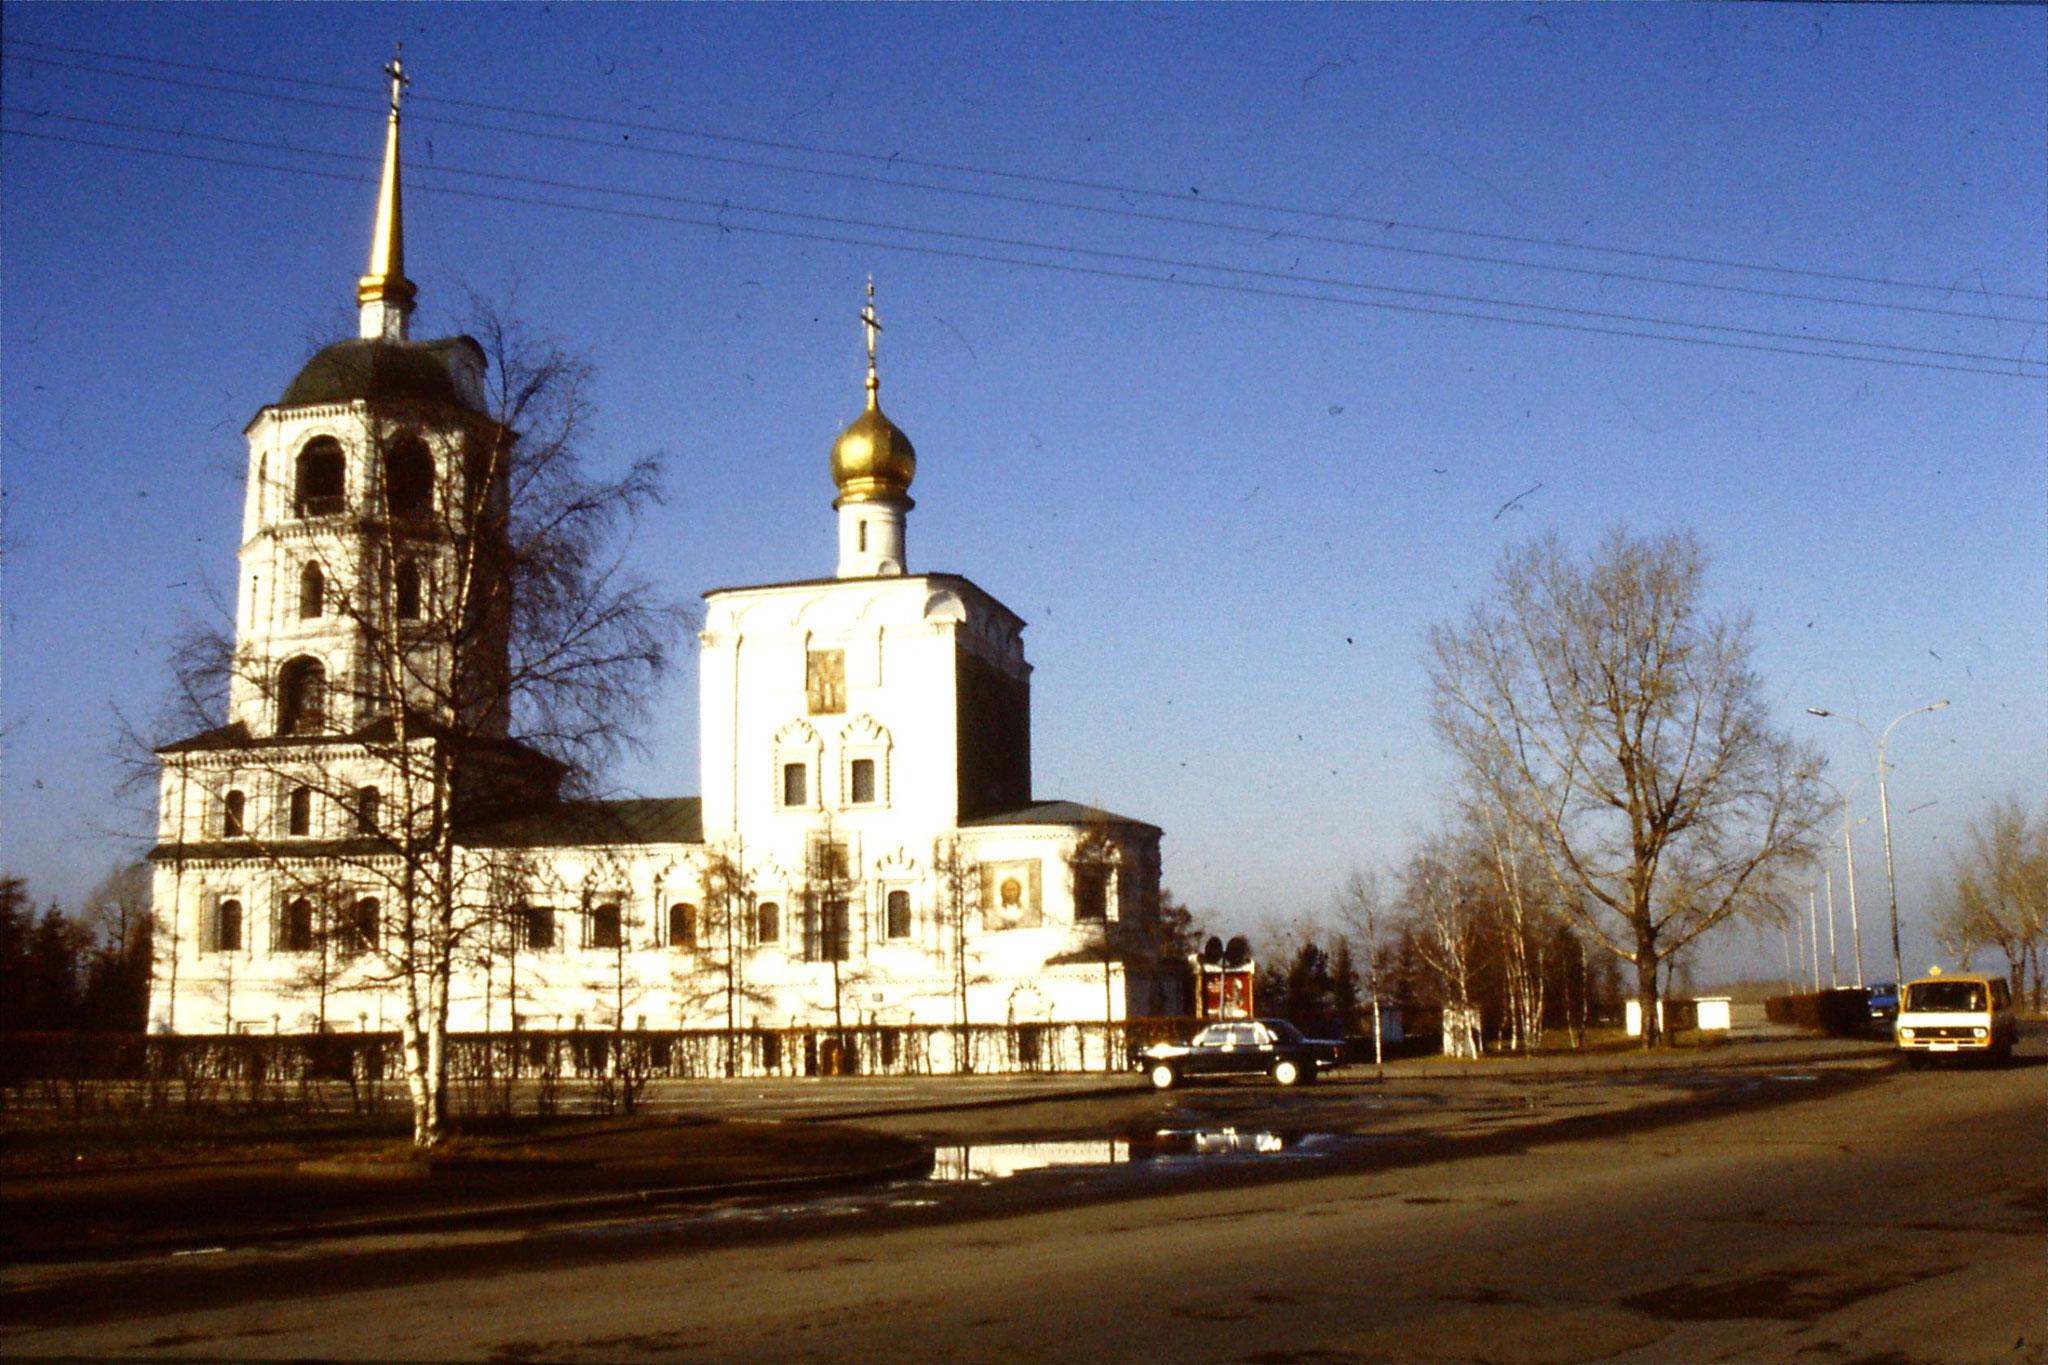 24/10/1988: 6: Irkutsk war memorial